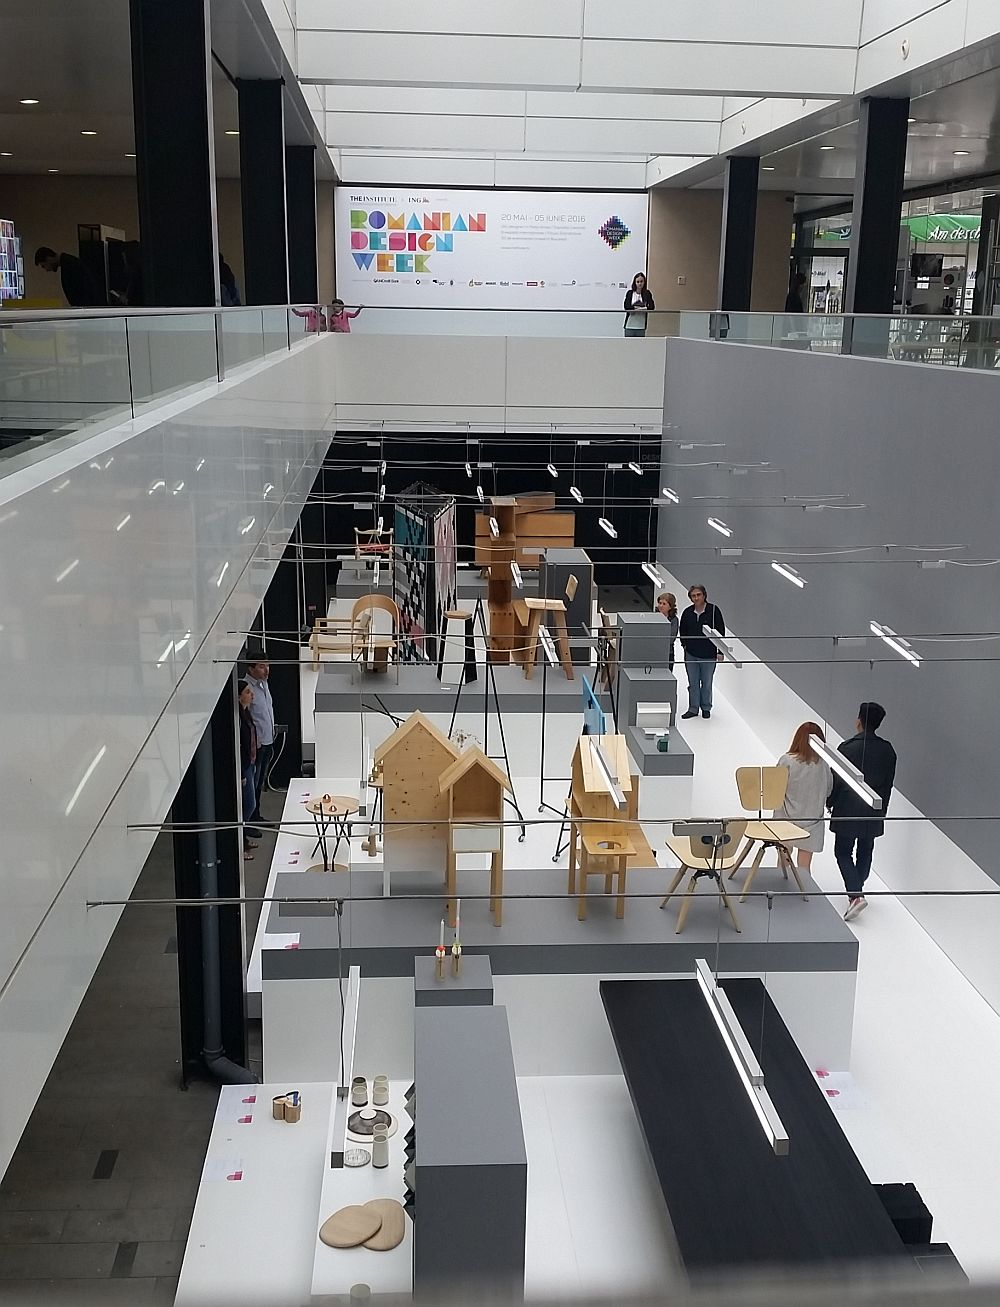 adelaparvu.com despre Romanian Design Week, Piata Amzei Bucuresti (2)